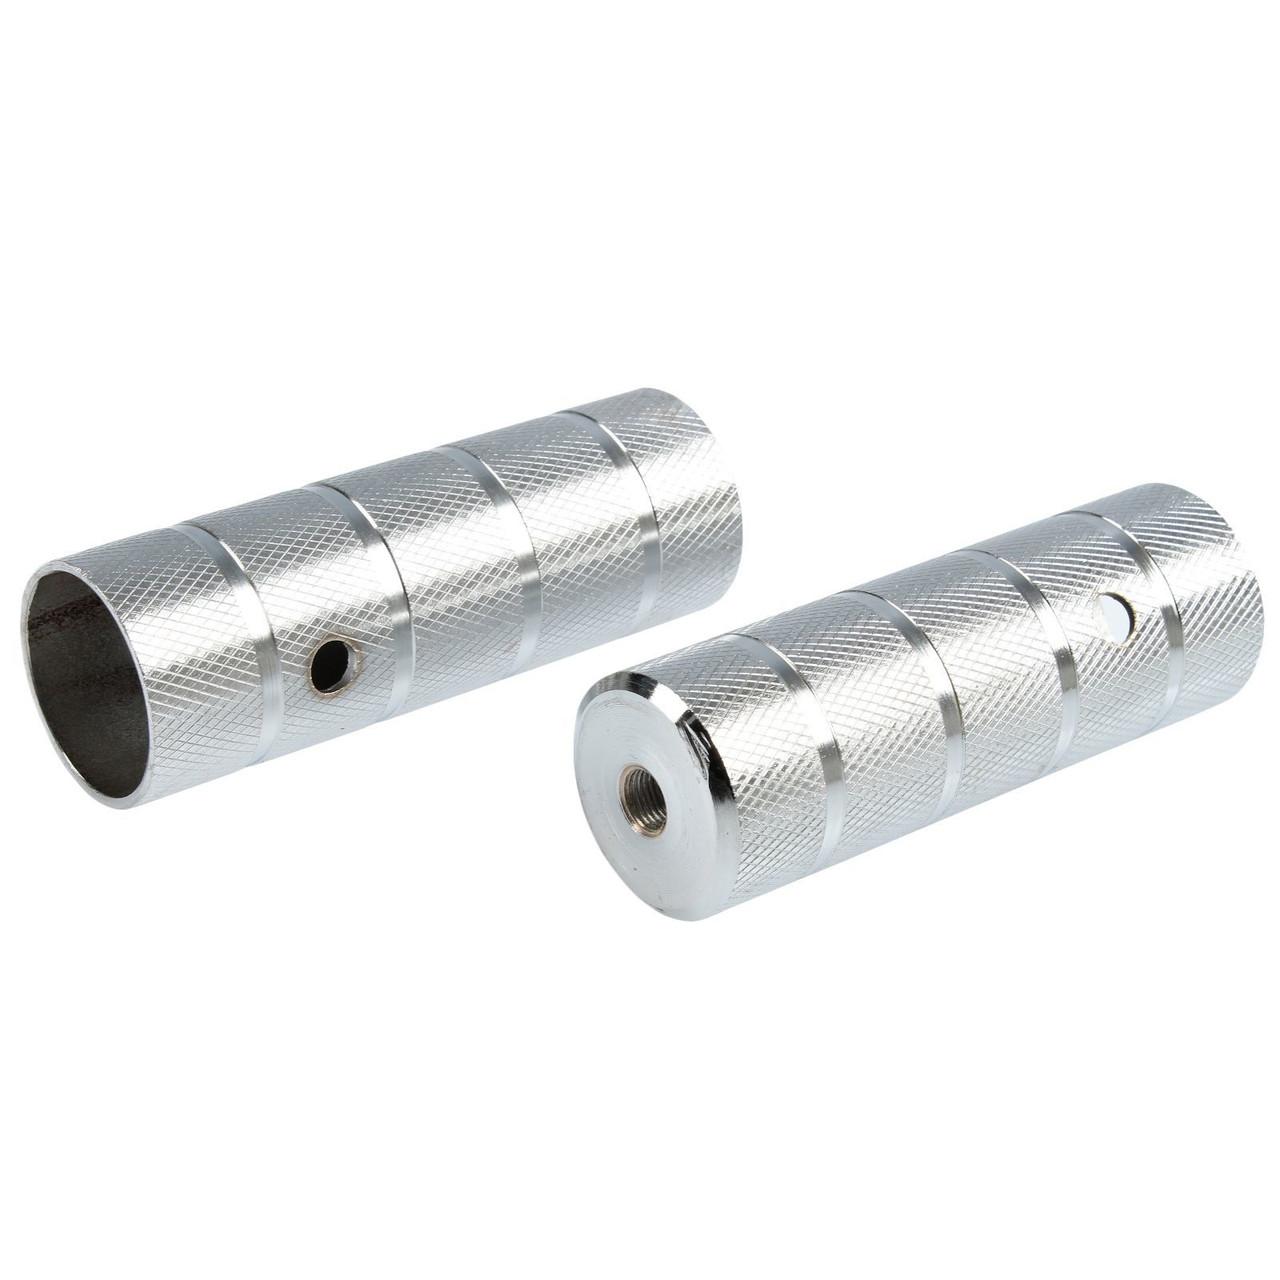 Пеги на ВМХ 38х110 мм под ось 10 мм, алюминиевые